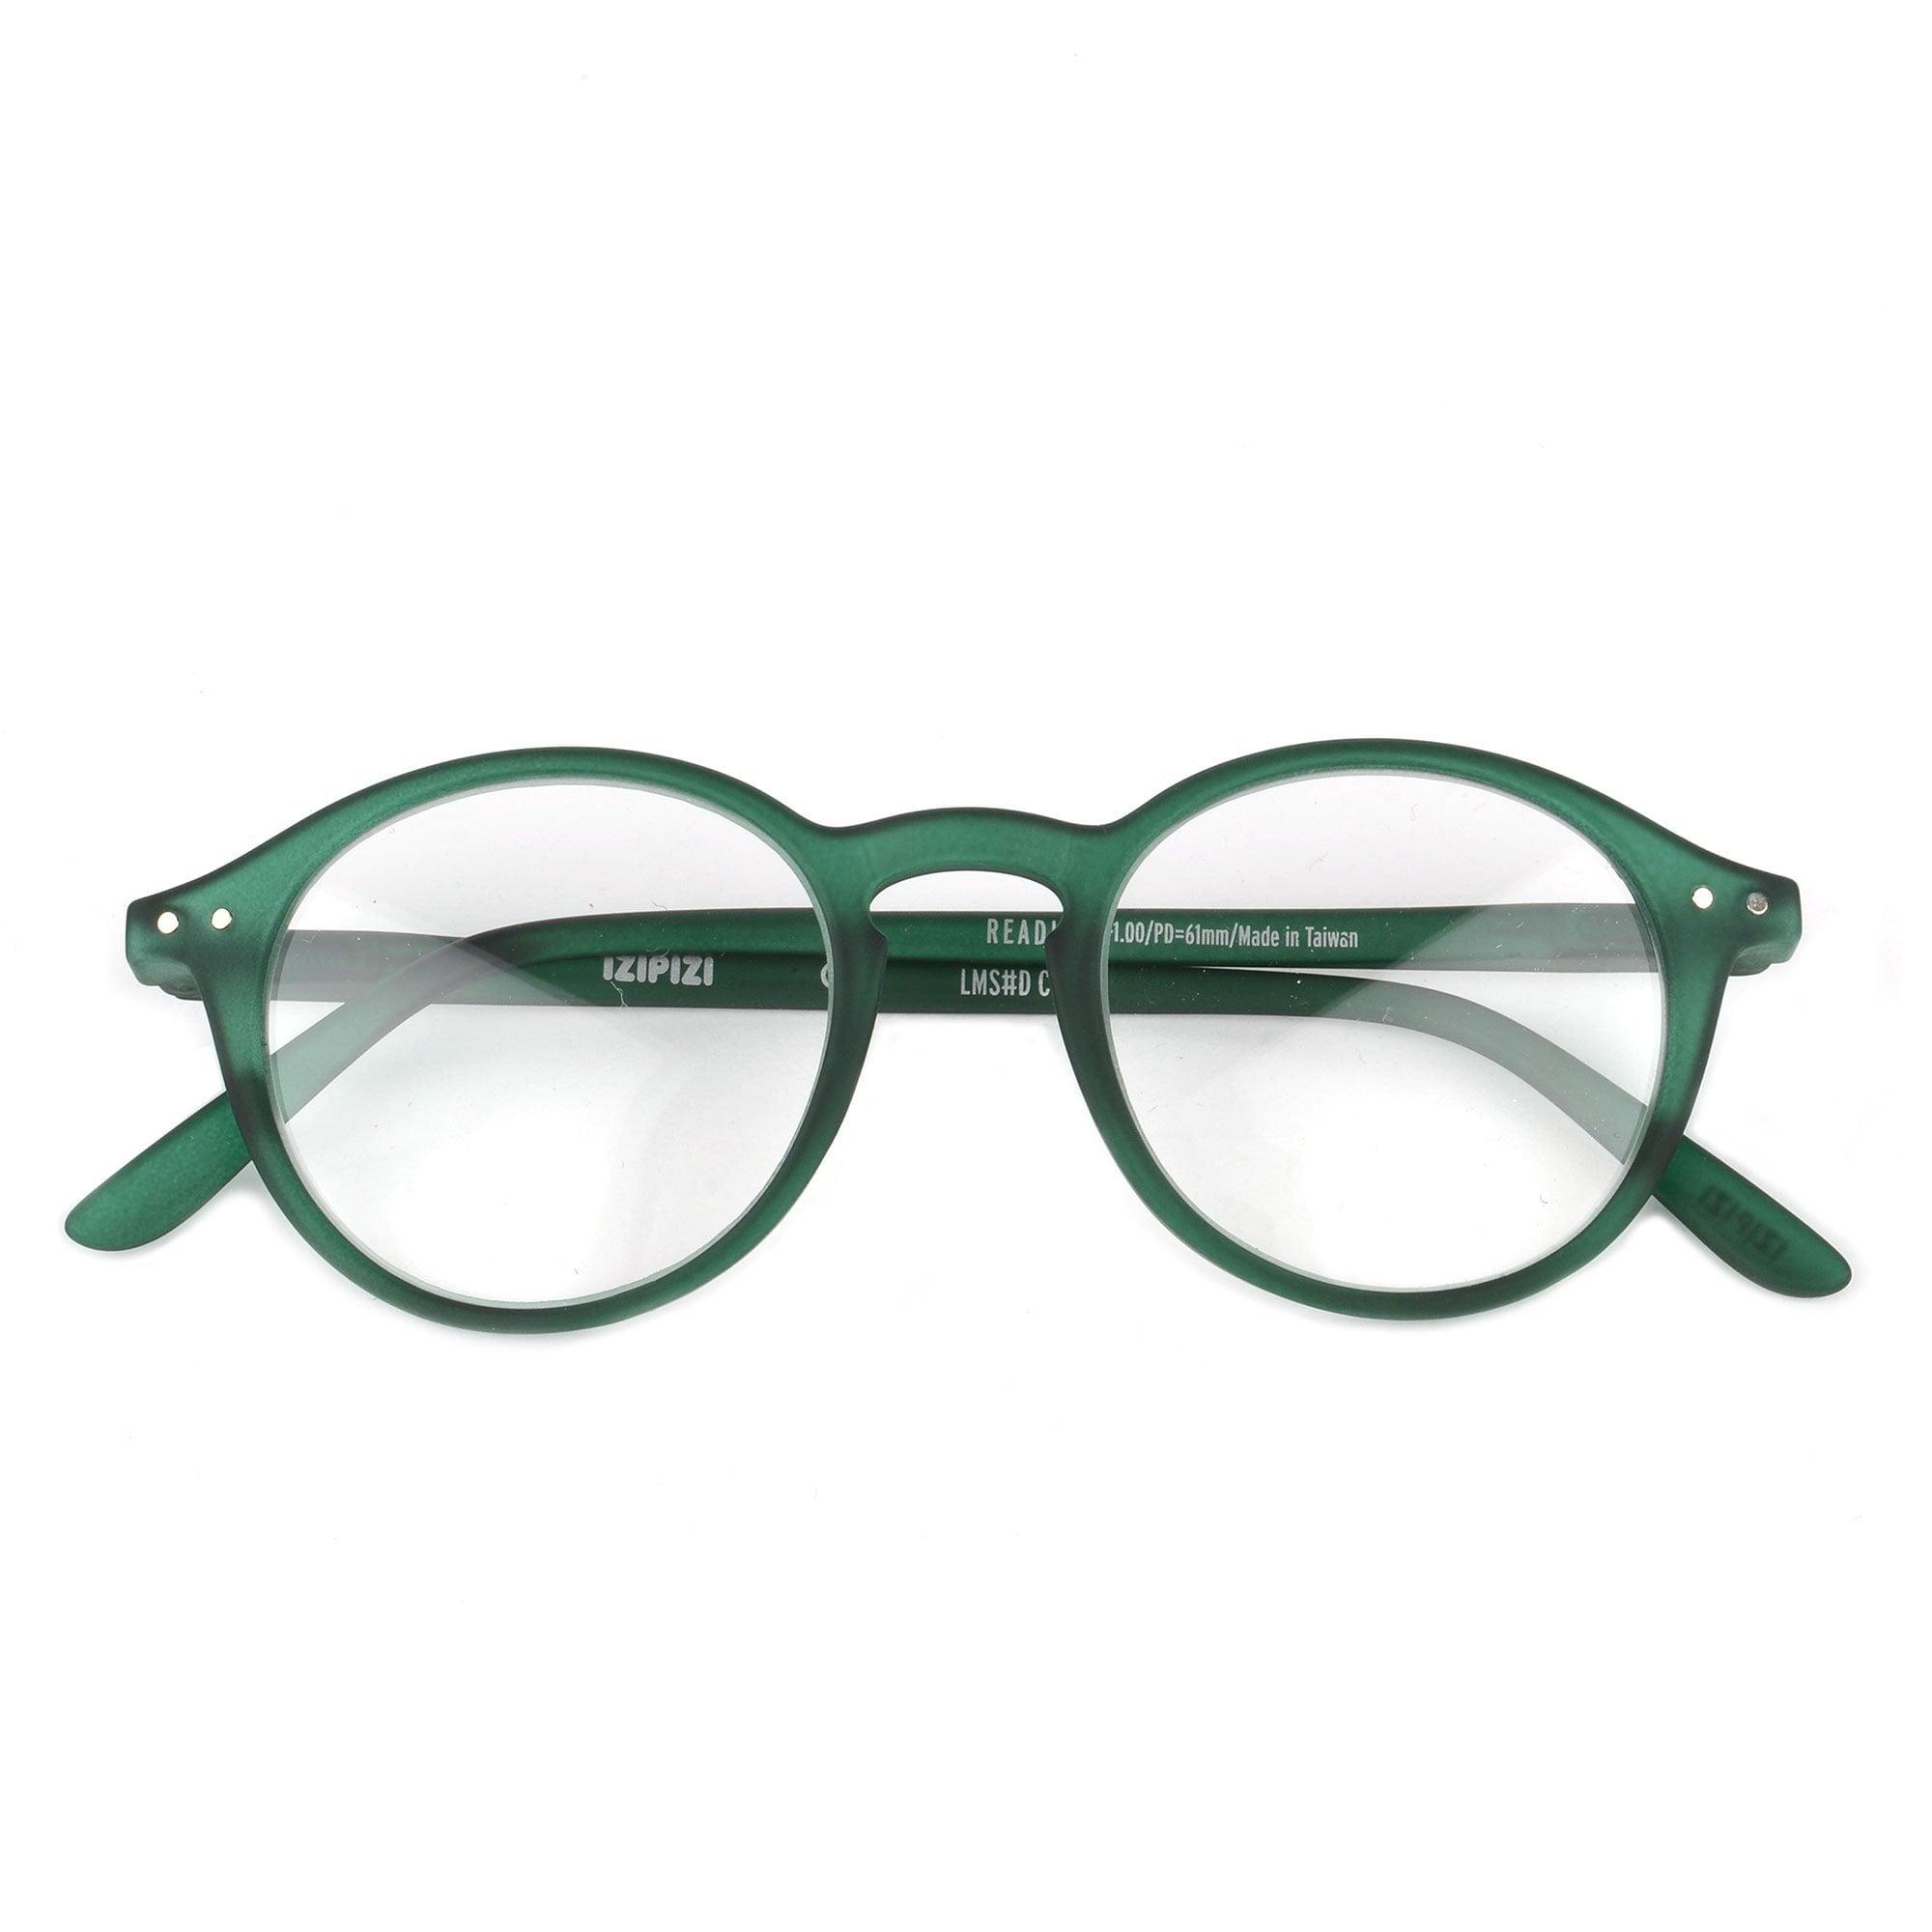 IZIPIZI #E Green Crystal Reading Glasses